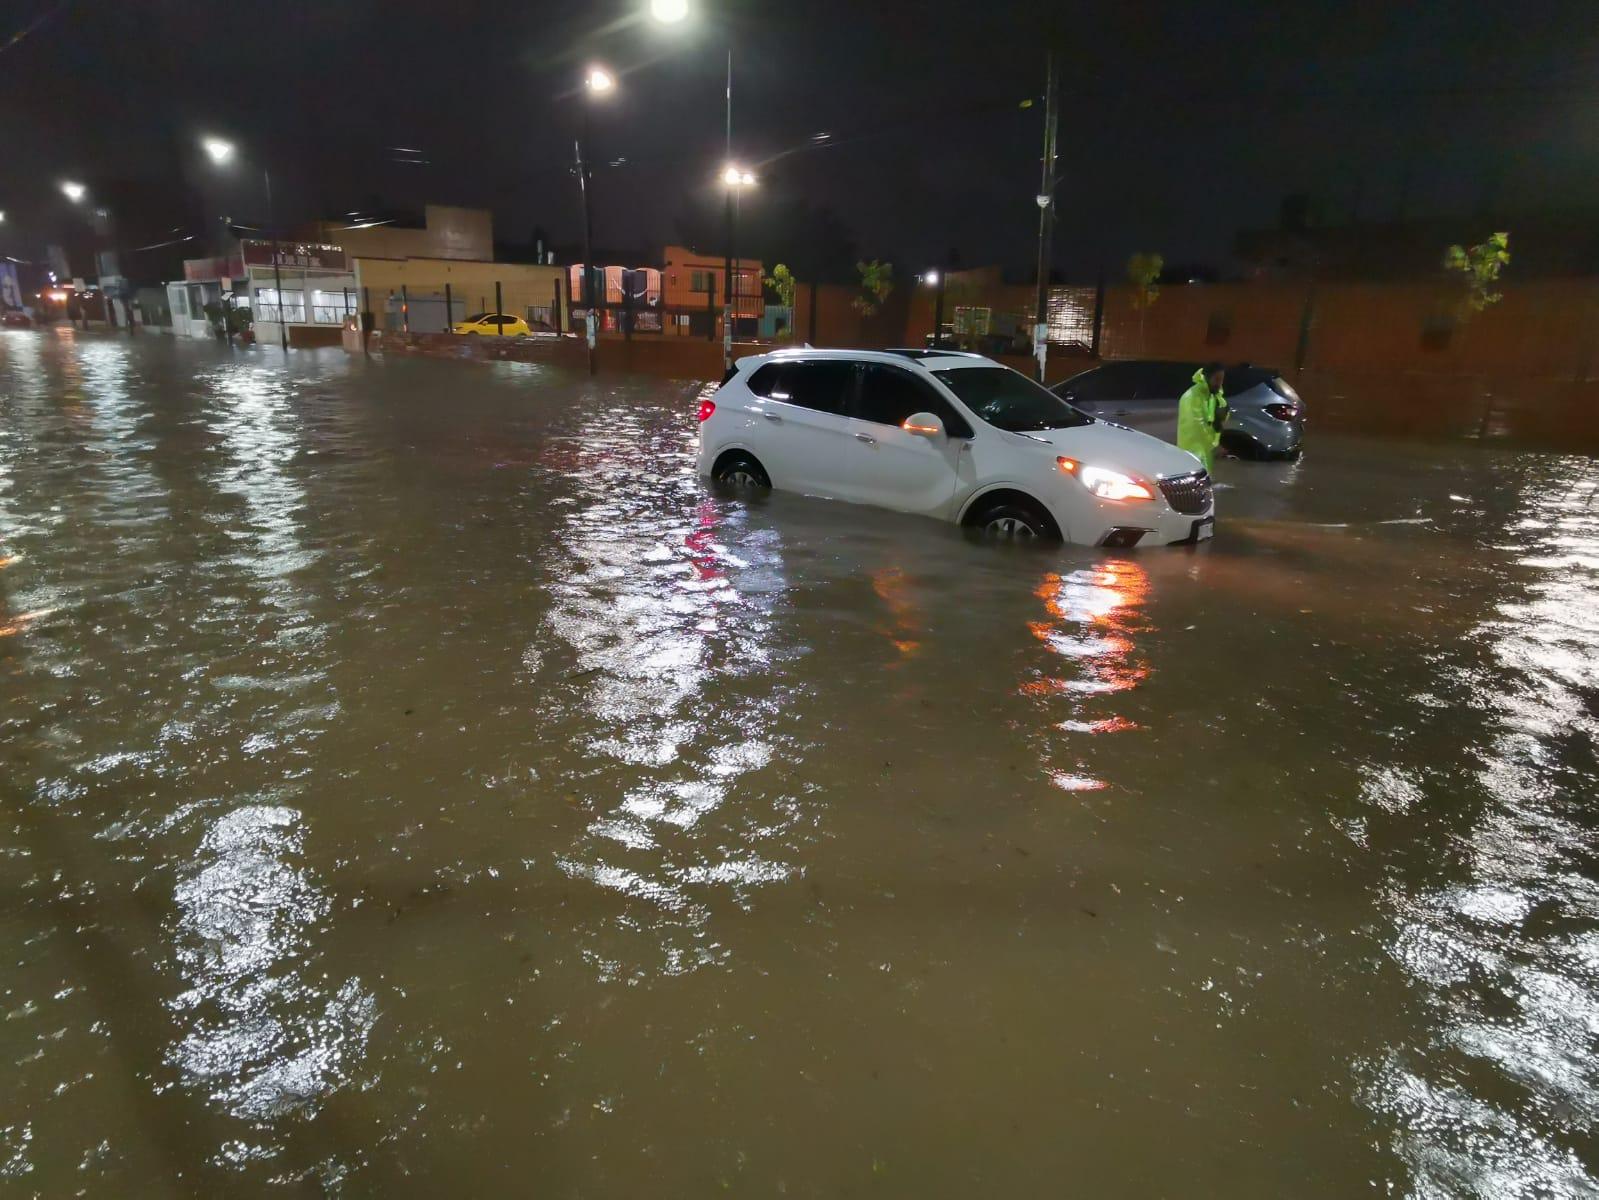 Alertan fuertes lluvias en 3 regiones de Oaxaca por zona de baja presión con 60% de potencial ciclónico